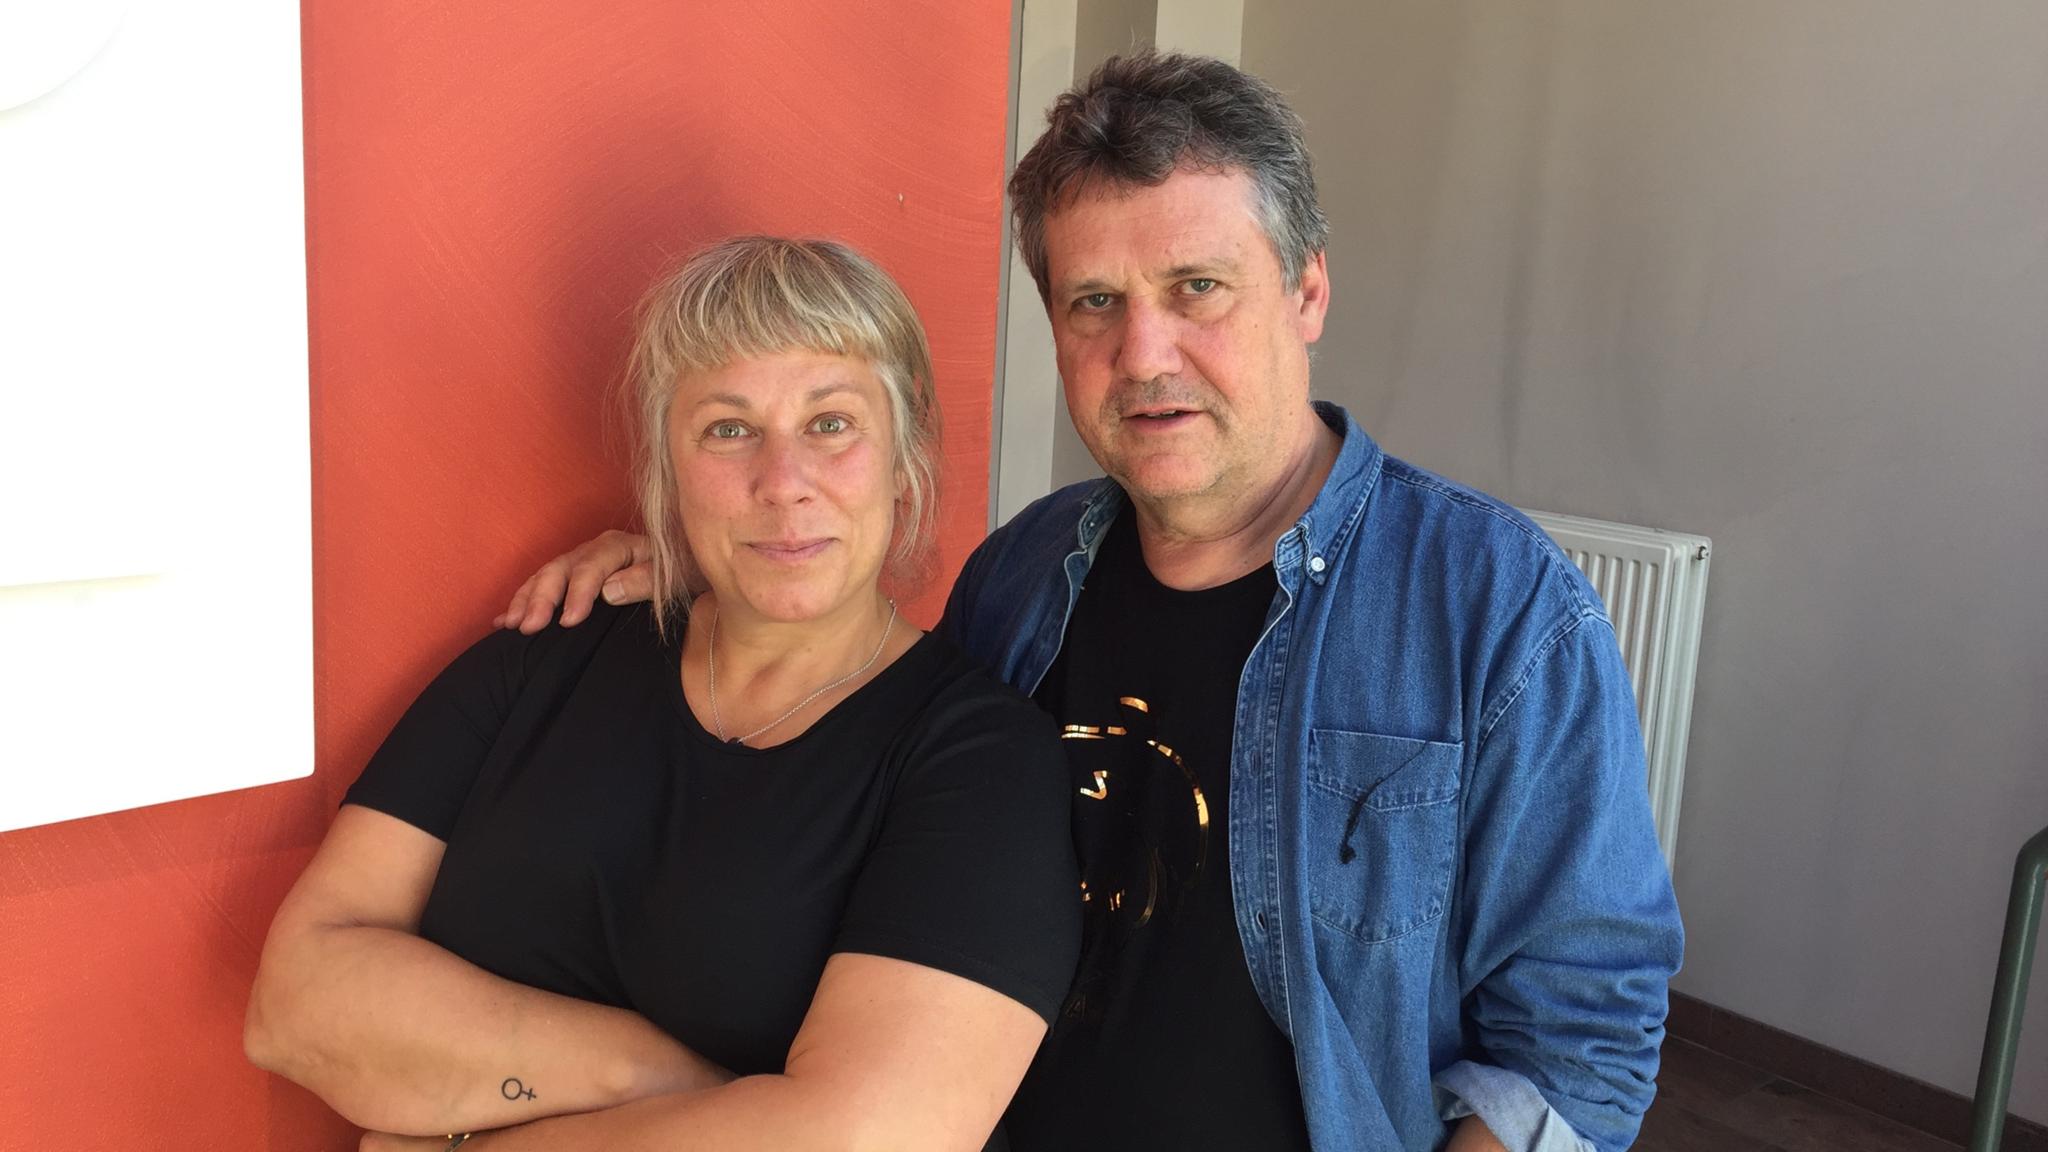 Stina Wollter möter forskaren och kroppsterapeuten Claes Ekenstam i ett samtal om kroppars historia. Foto: Johanna Fellenius / SR.